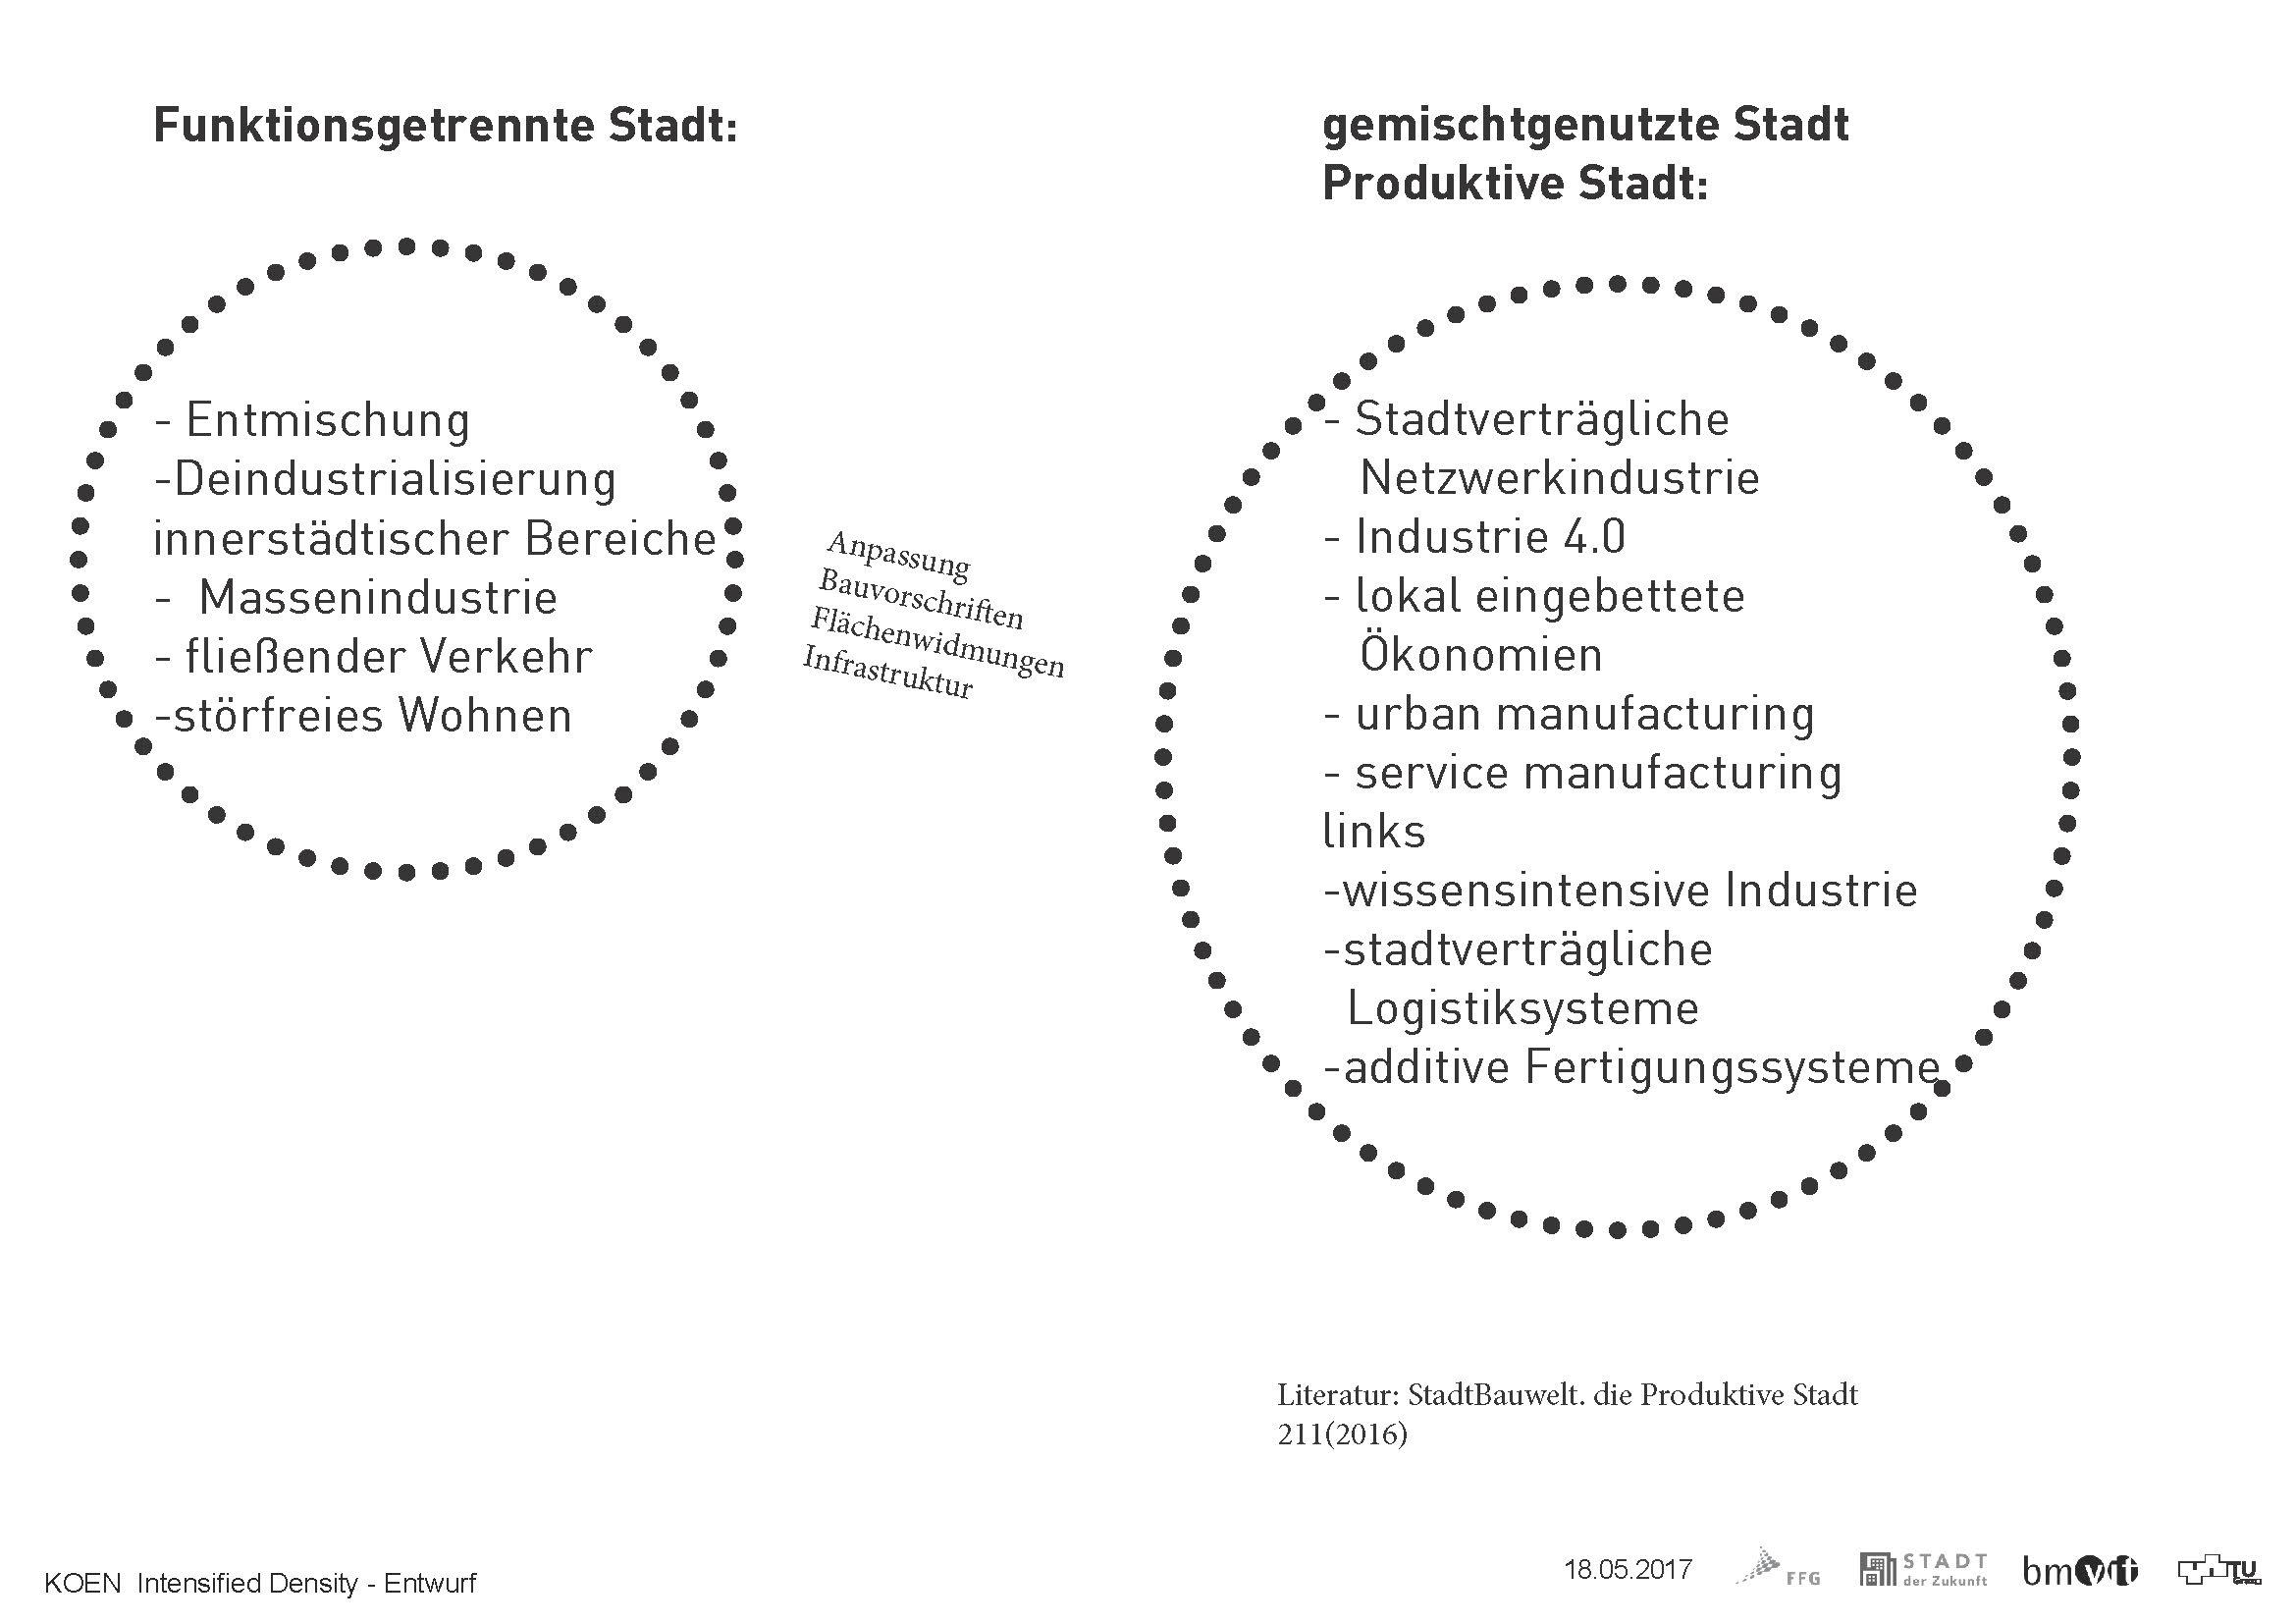 Graphik zur Erläuterung des Unterschieds funktionsgetrennte und produktiven Stadt